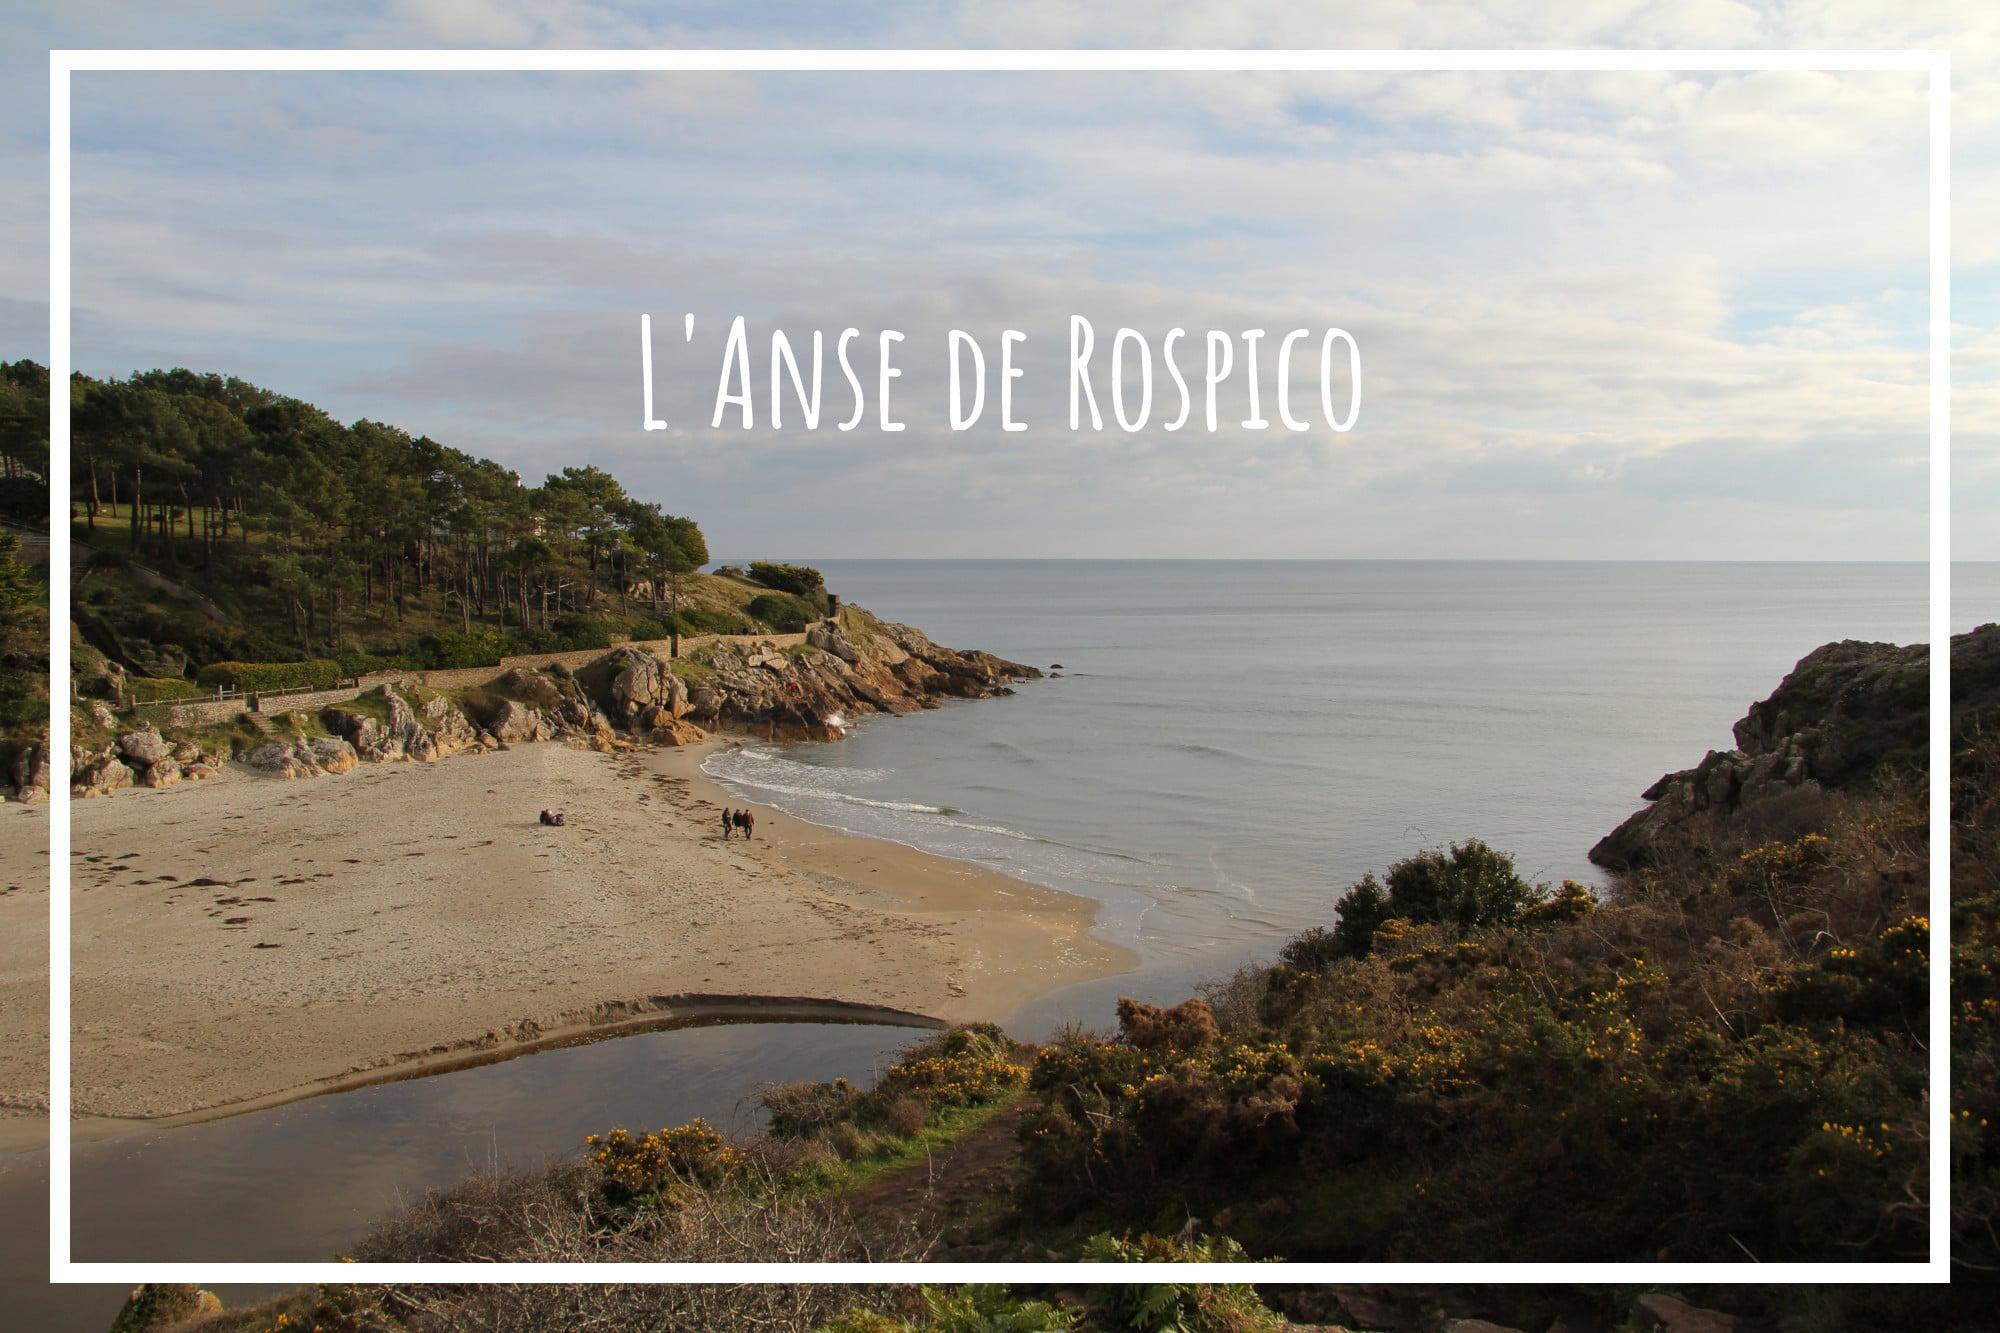 Anse de Rospico